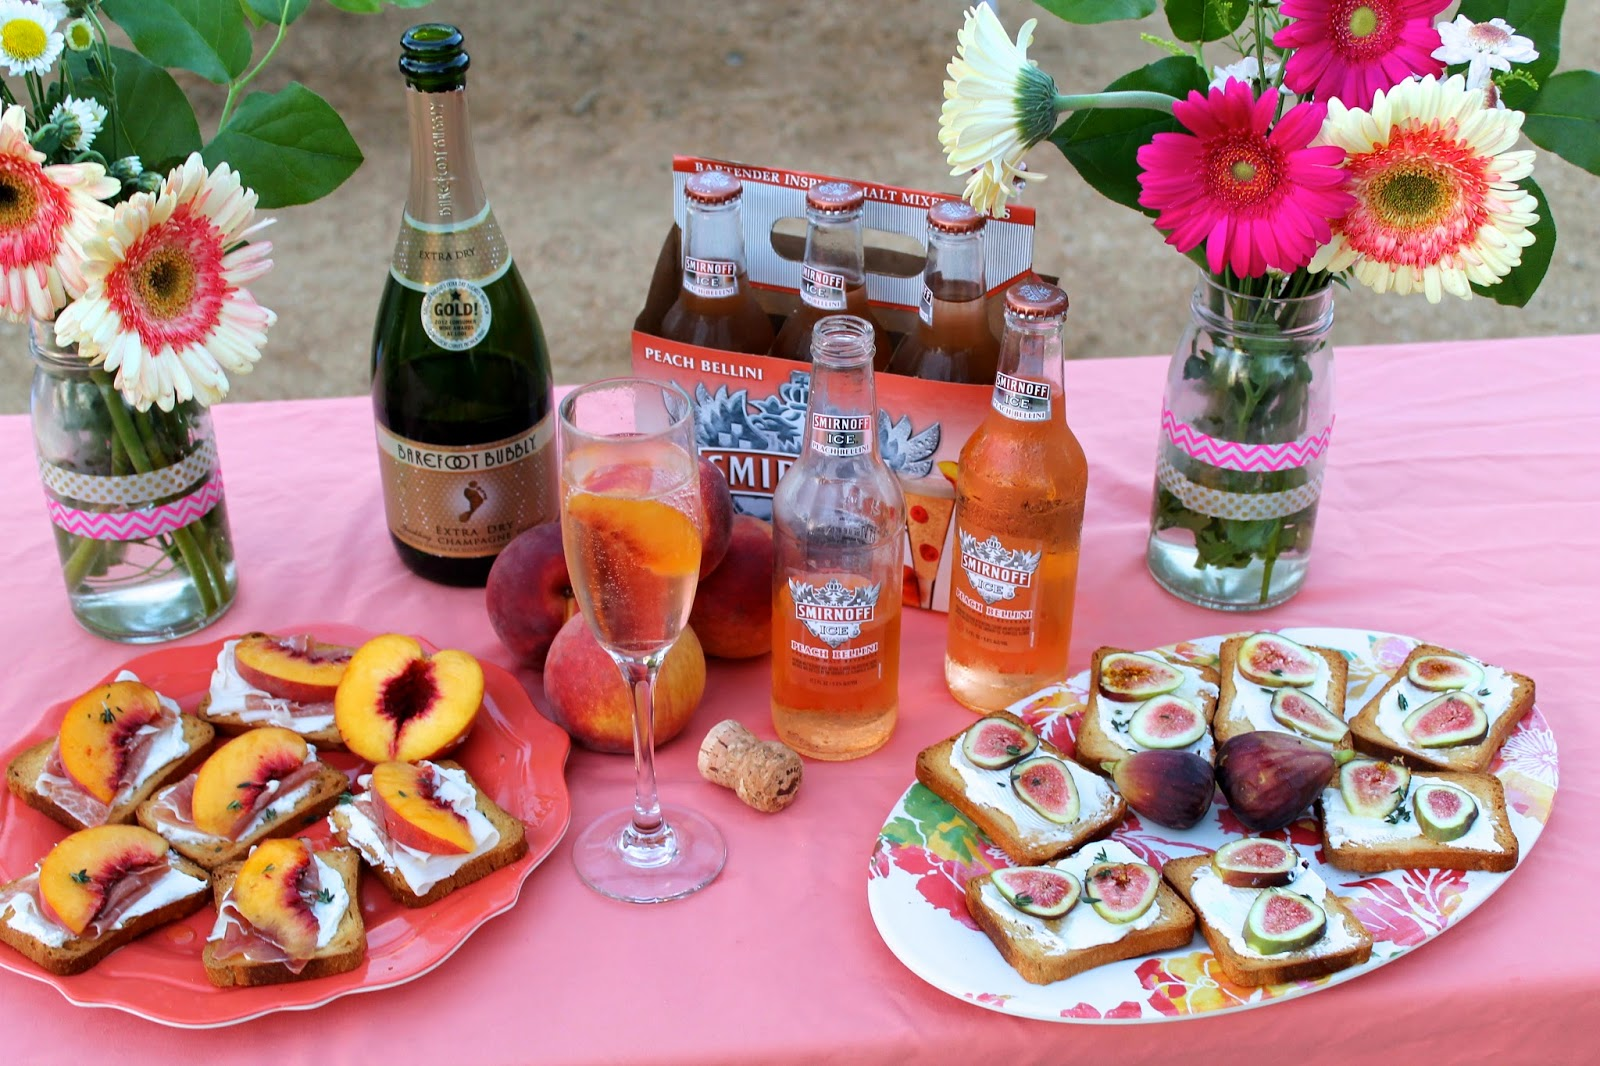 labor day picnic, smirnoff vodka, fig goat cheese crostini, brunch idea